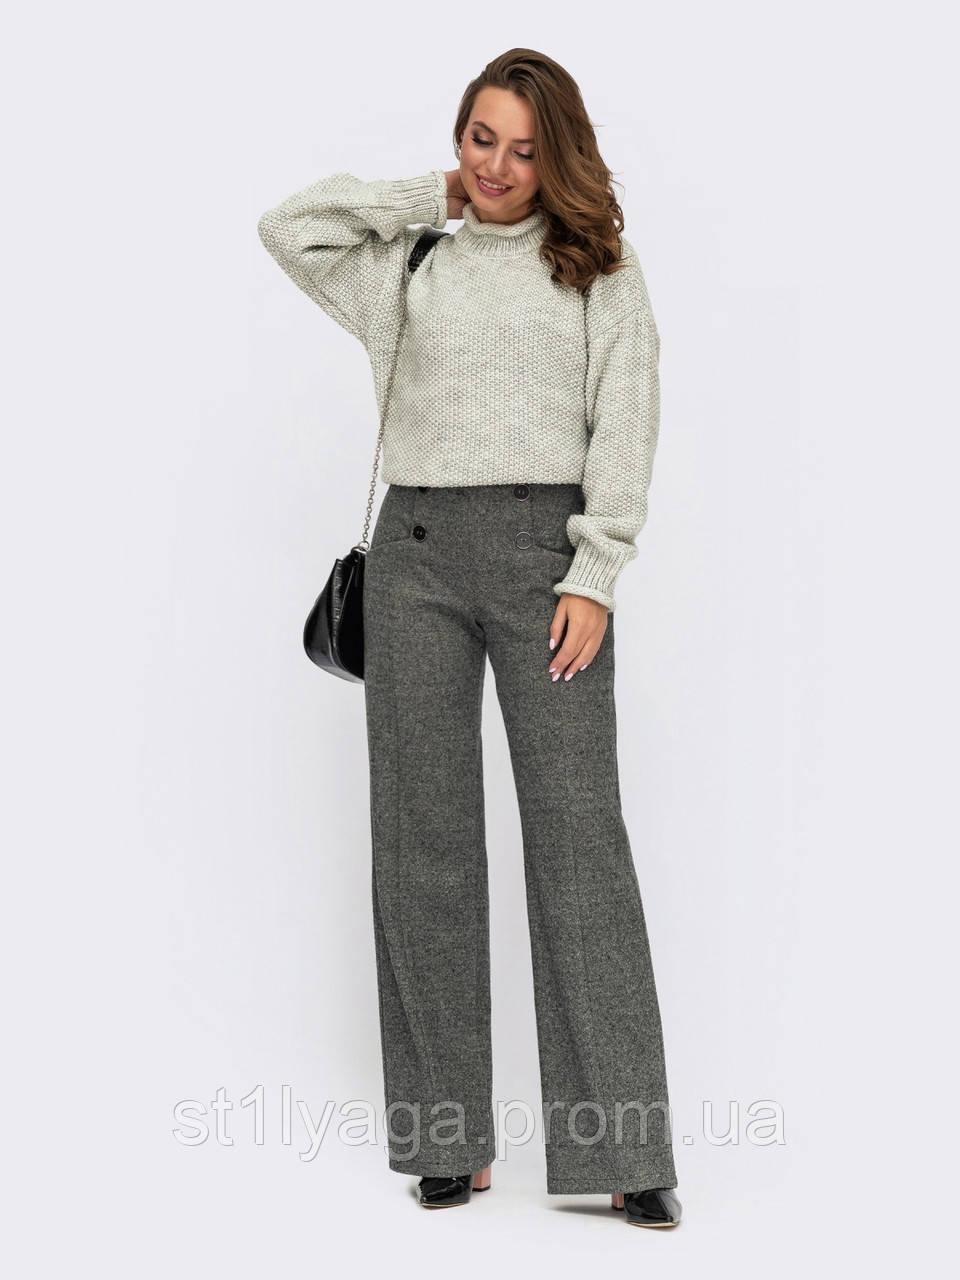 Серые брюки прямого кроя из жаккарда с карманами